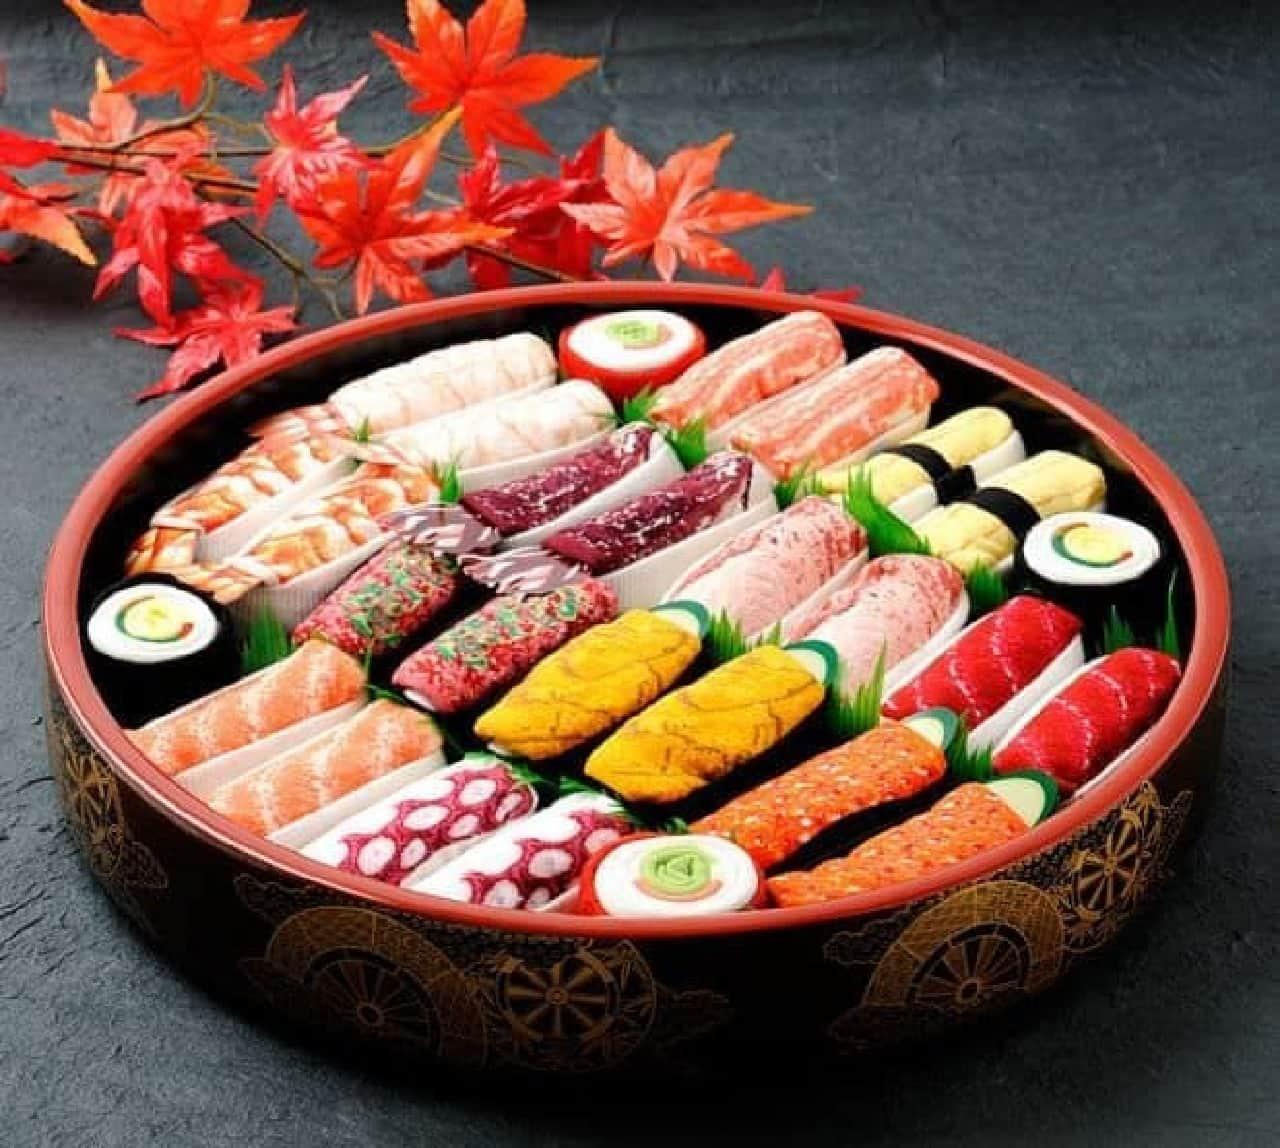 豪華な寿司桶に入った「Sushi Socks Gift Sets」特上